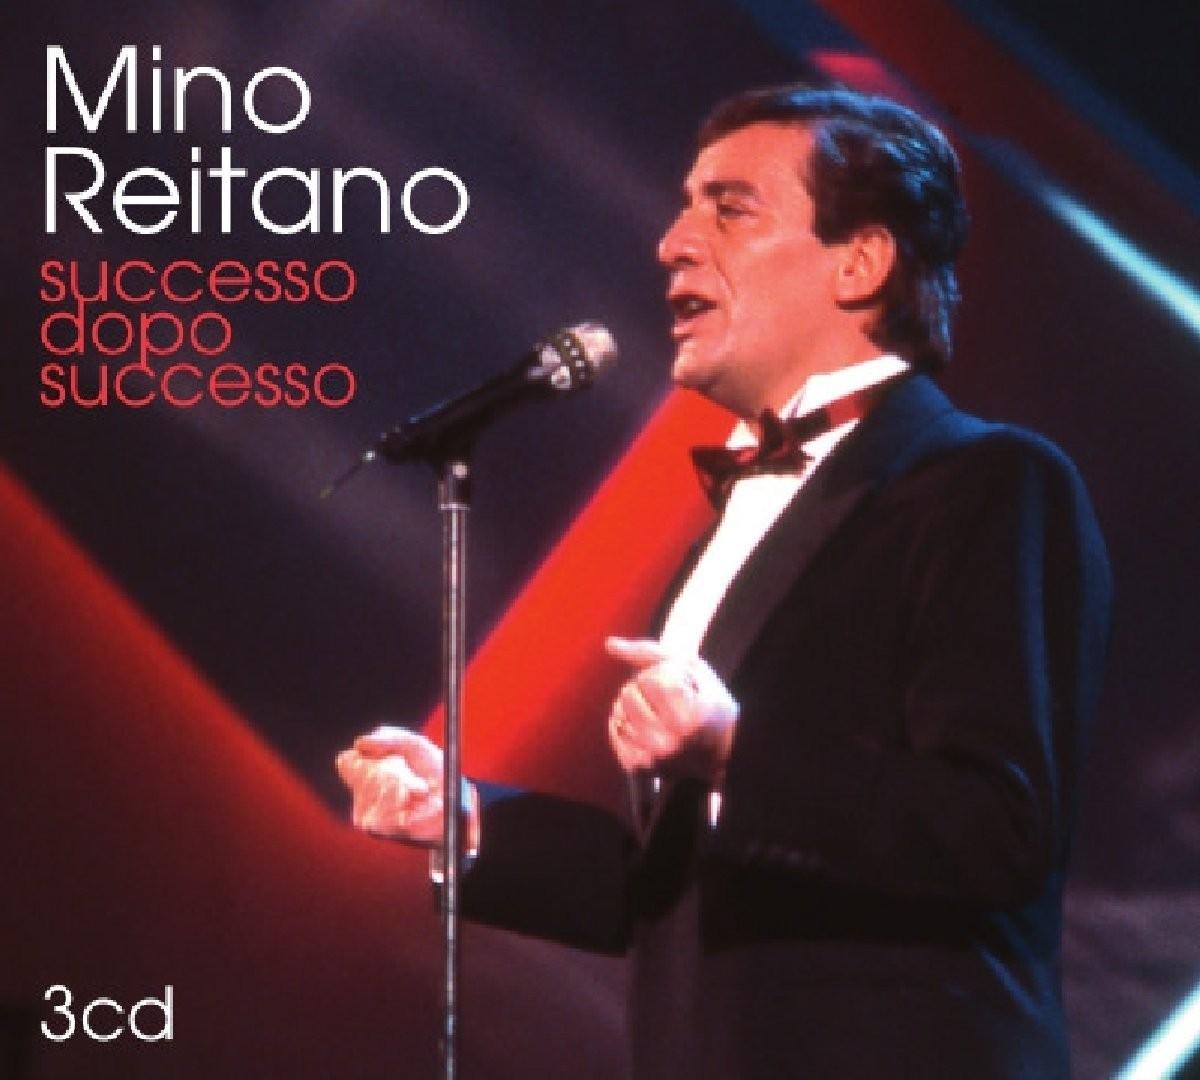 MINO REITANO – SUCCESSO DOPO SUCCESSO 3CD SET